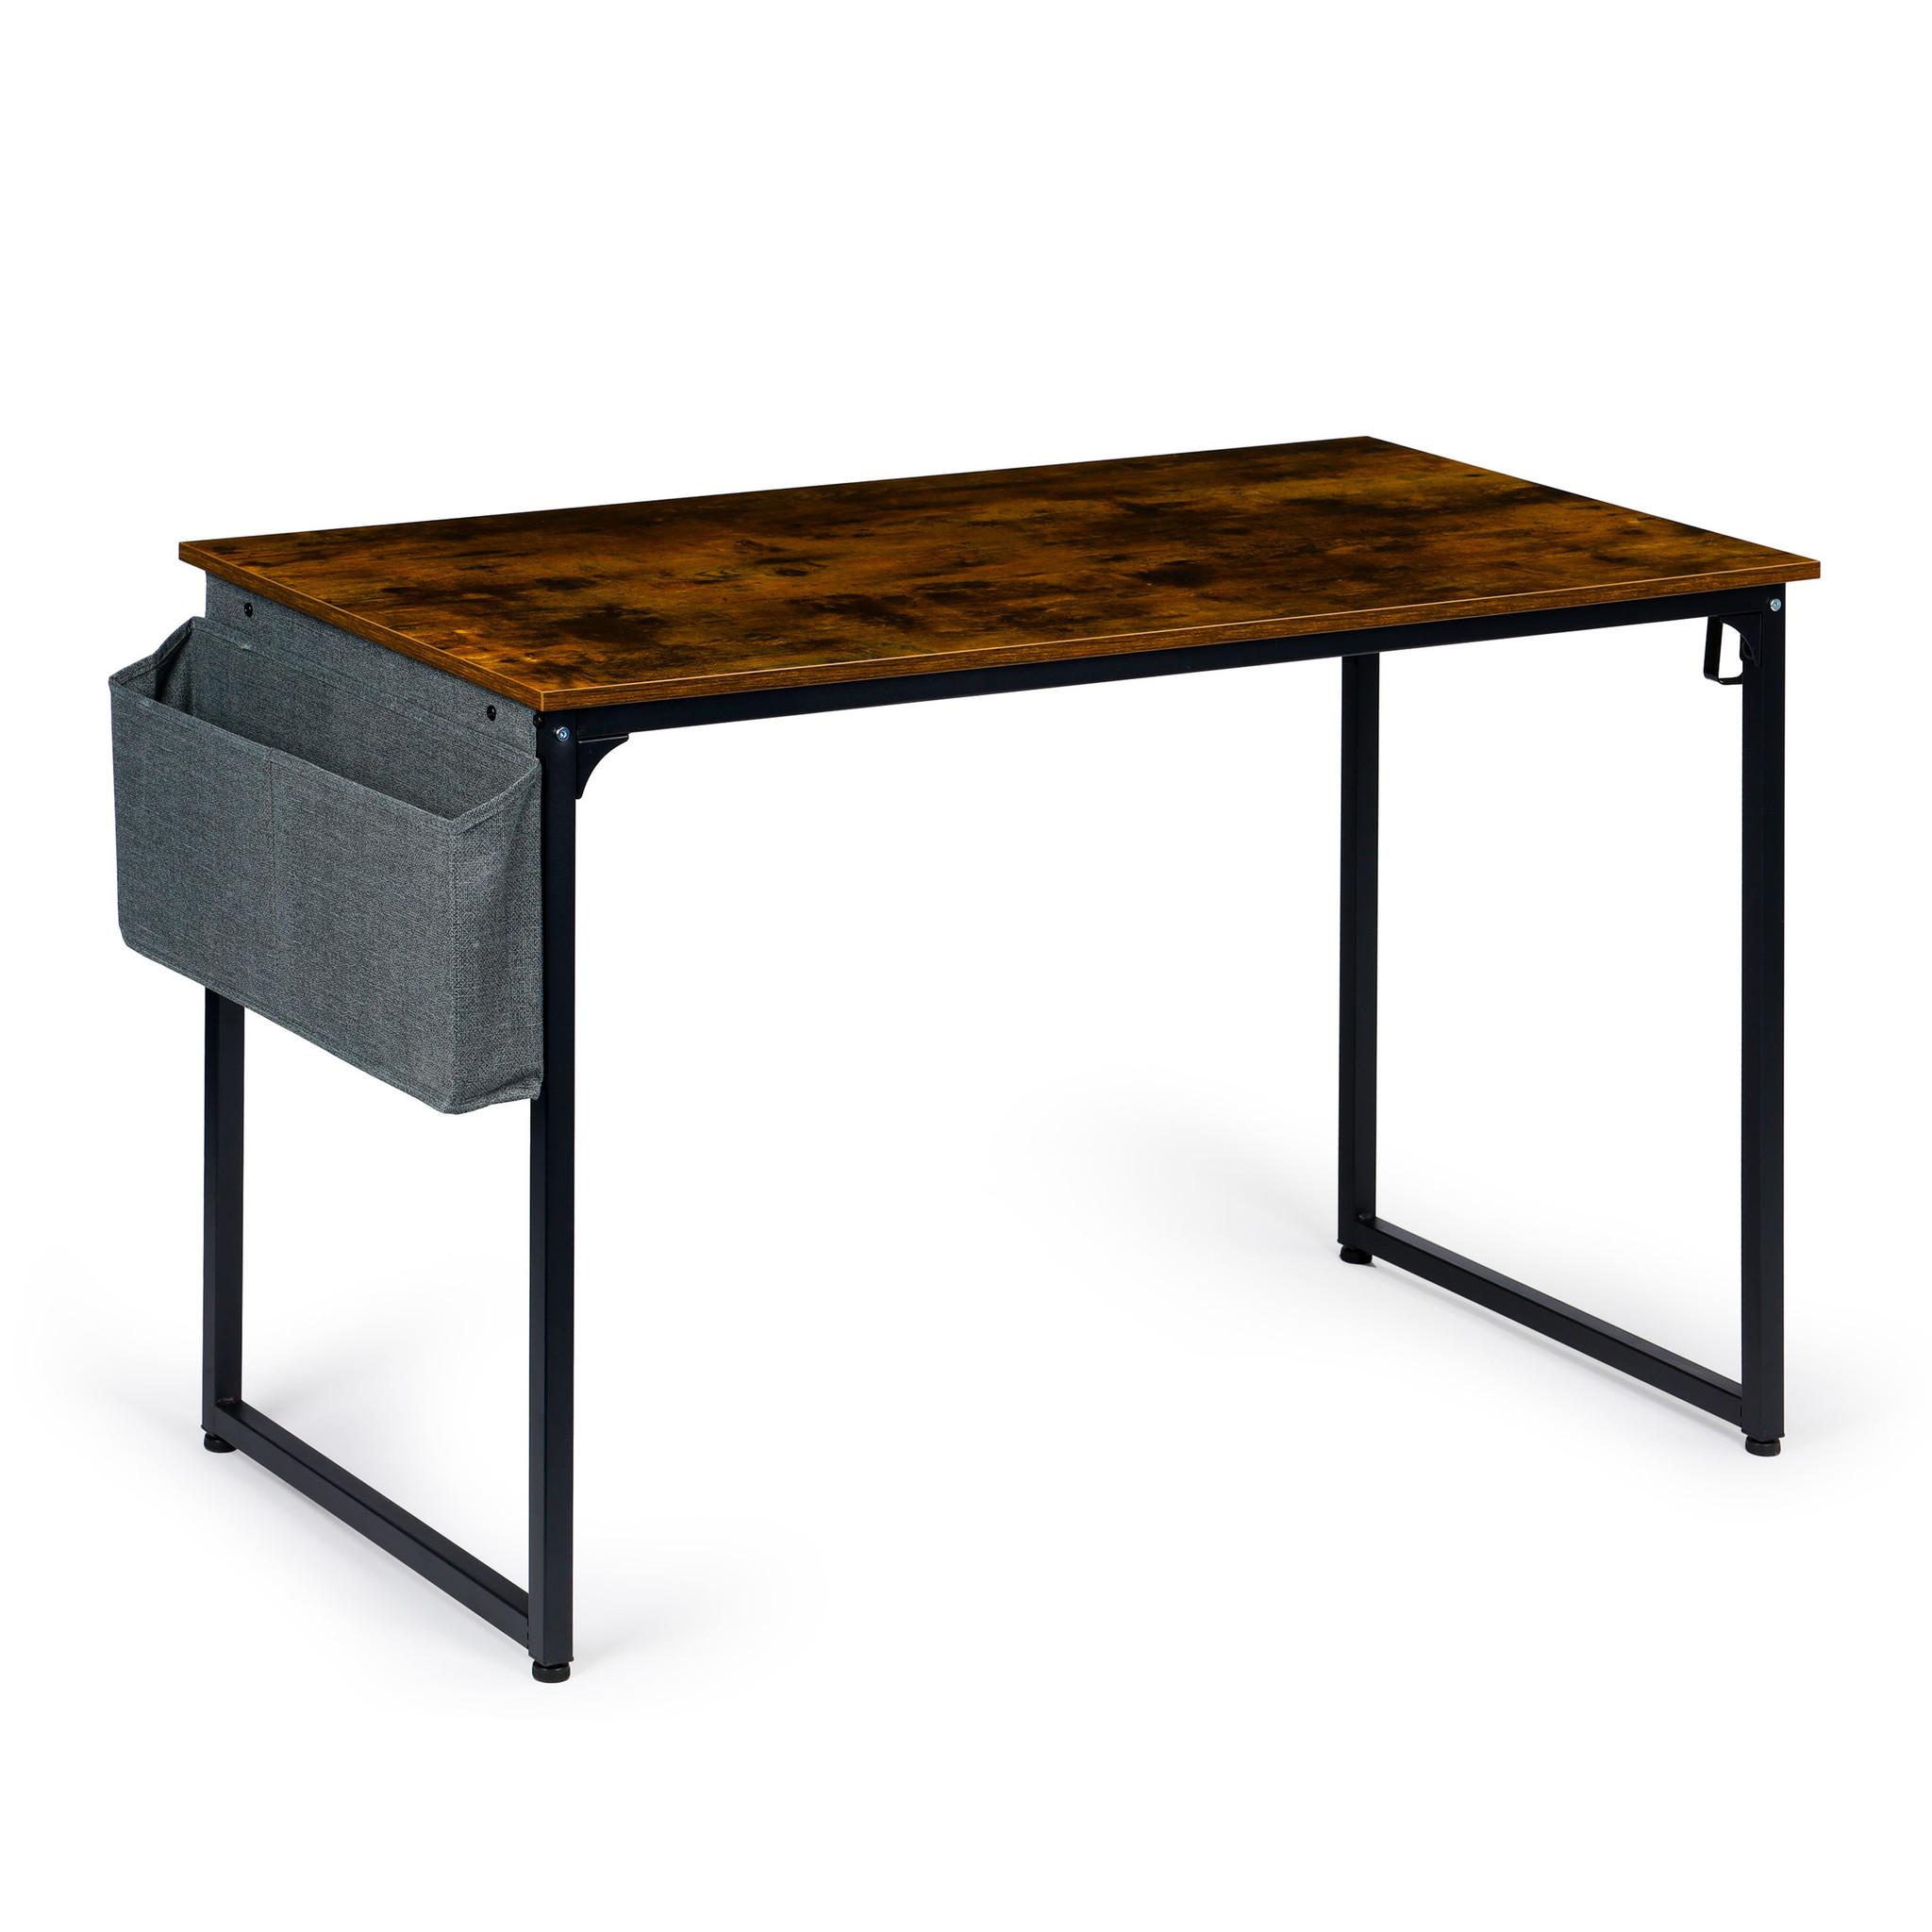 Viking Choice Bureautafel met tijdschriften tas - 120 x 60 x 74 cm - bruin